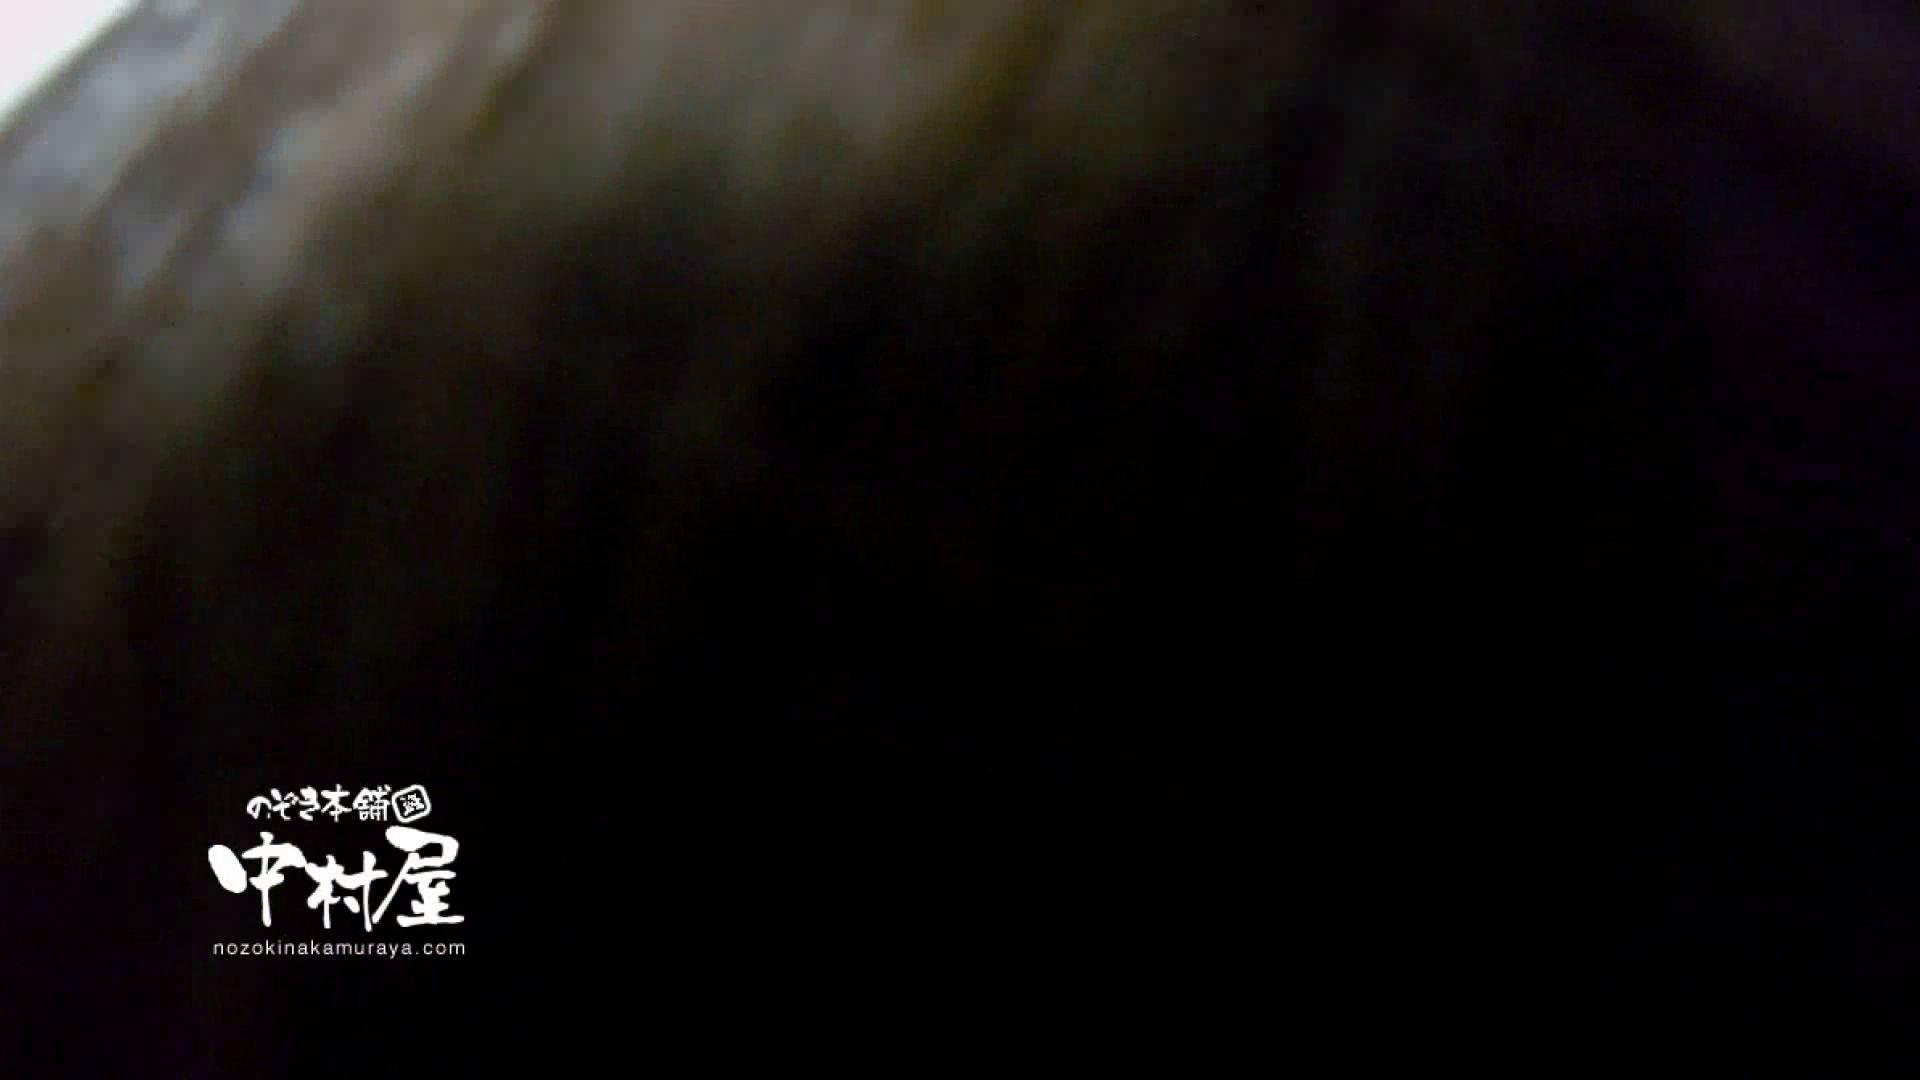 鬼畜 vol.16 実はマンざらでもない柔らかおっぱいちゃん 前編 ギャルのおっぱい | 鬼畜  66連発 31